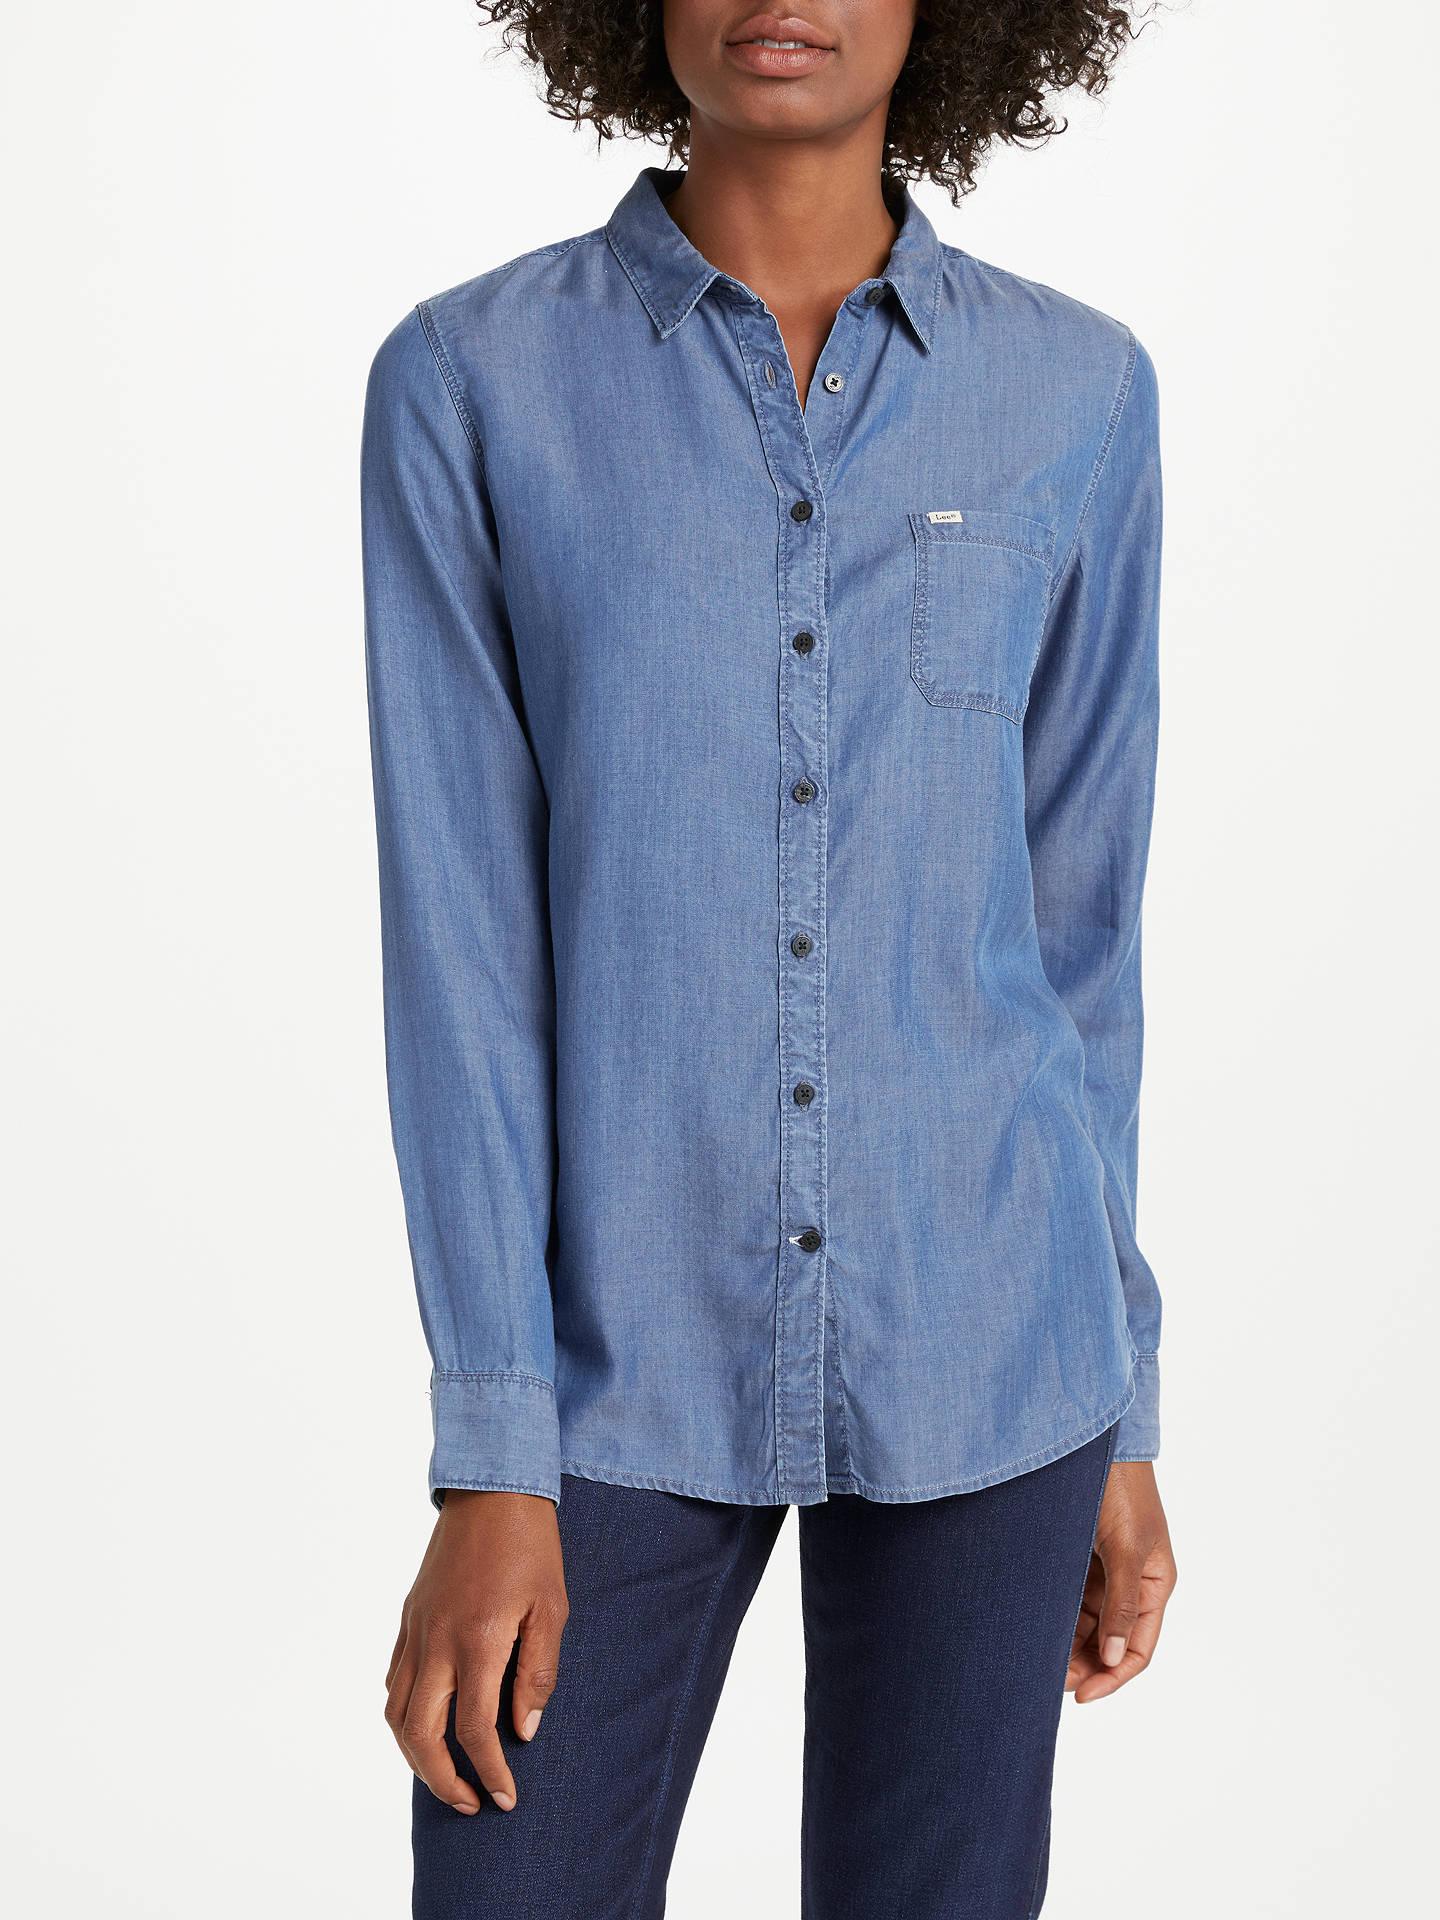 d44e2a6d4 Buy Lee One Pocket Denim Shirt